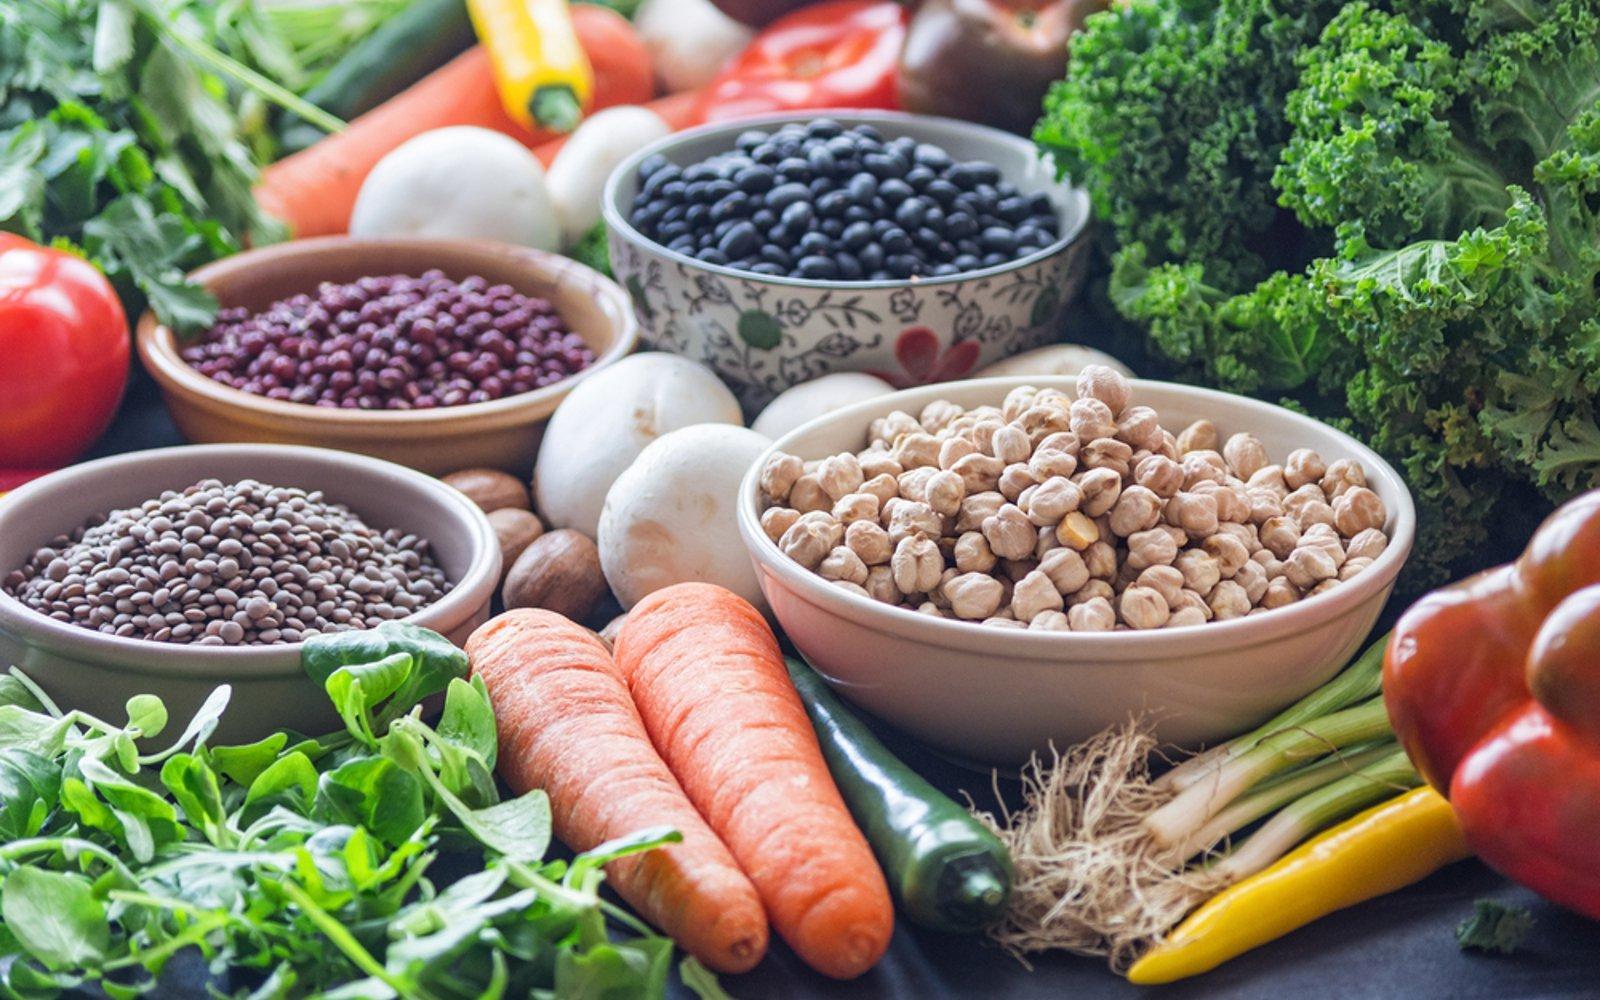 گیاهان خوراکی در خدمت تقویت استخوانها/ ۱۰ منبع گیاهی کلسیم را بشناسید